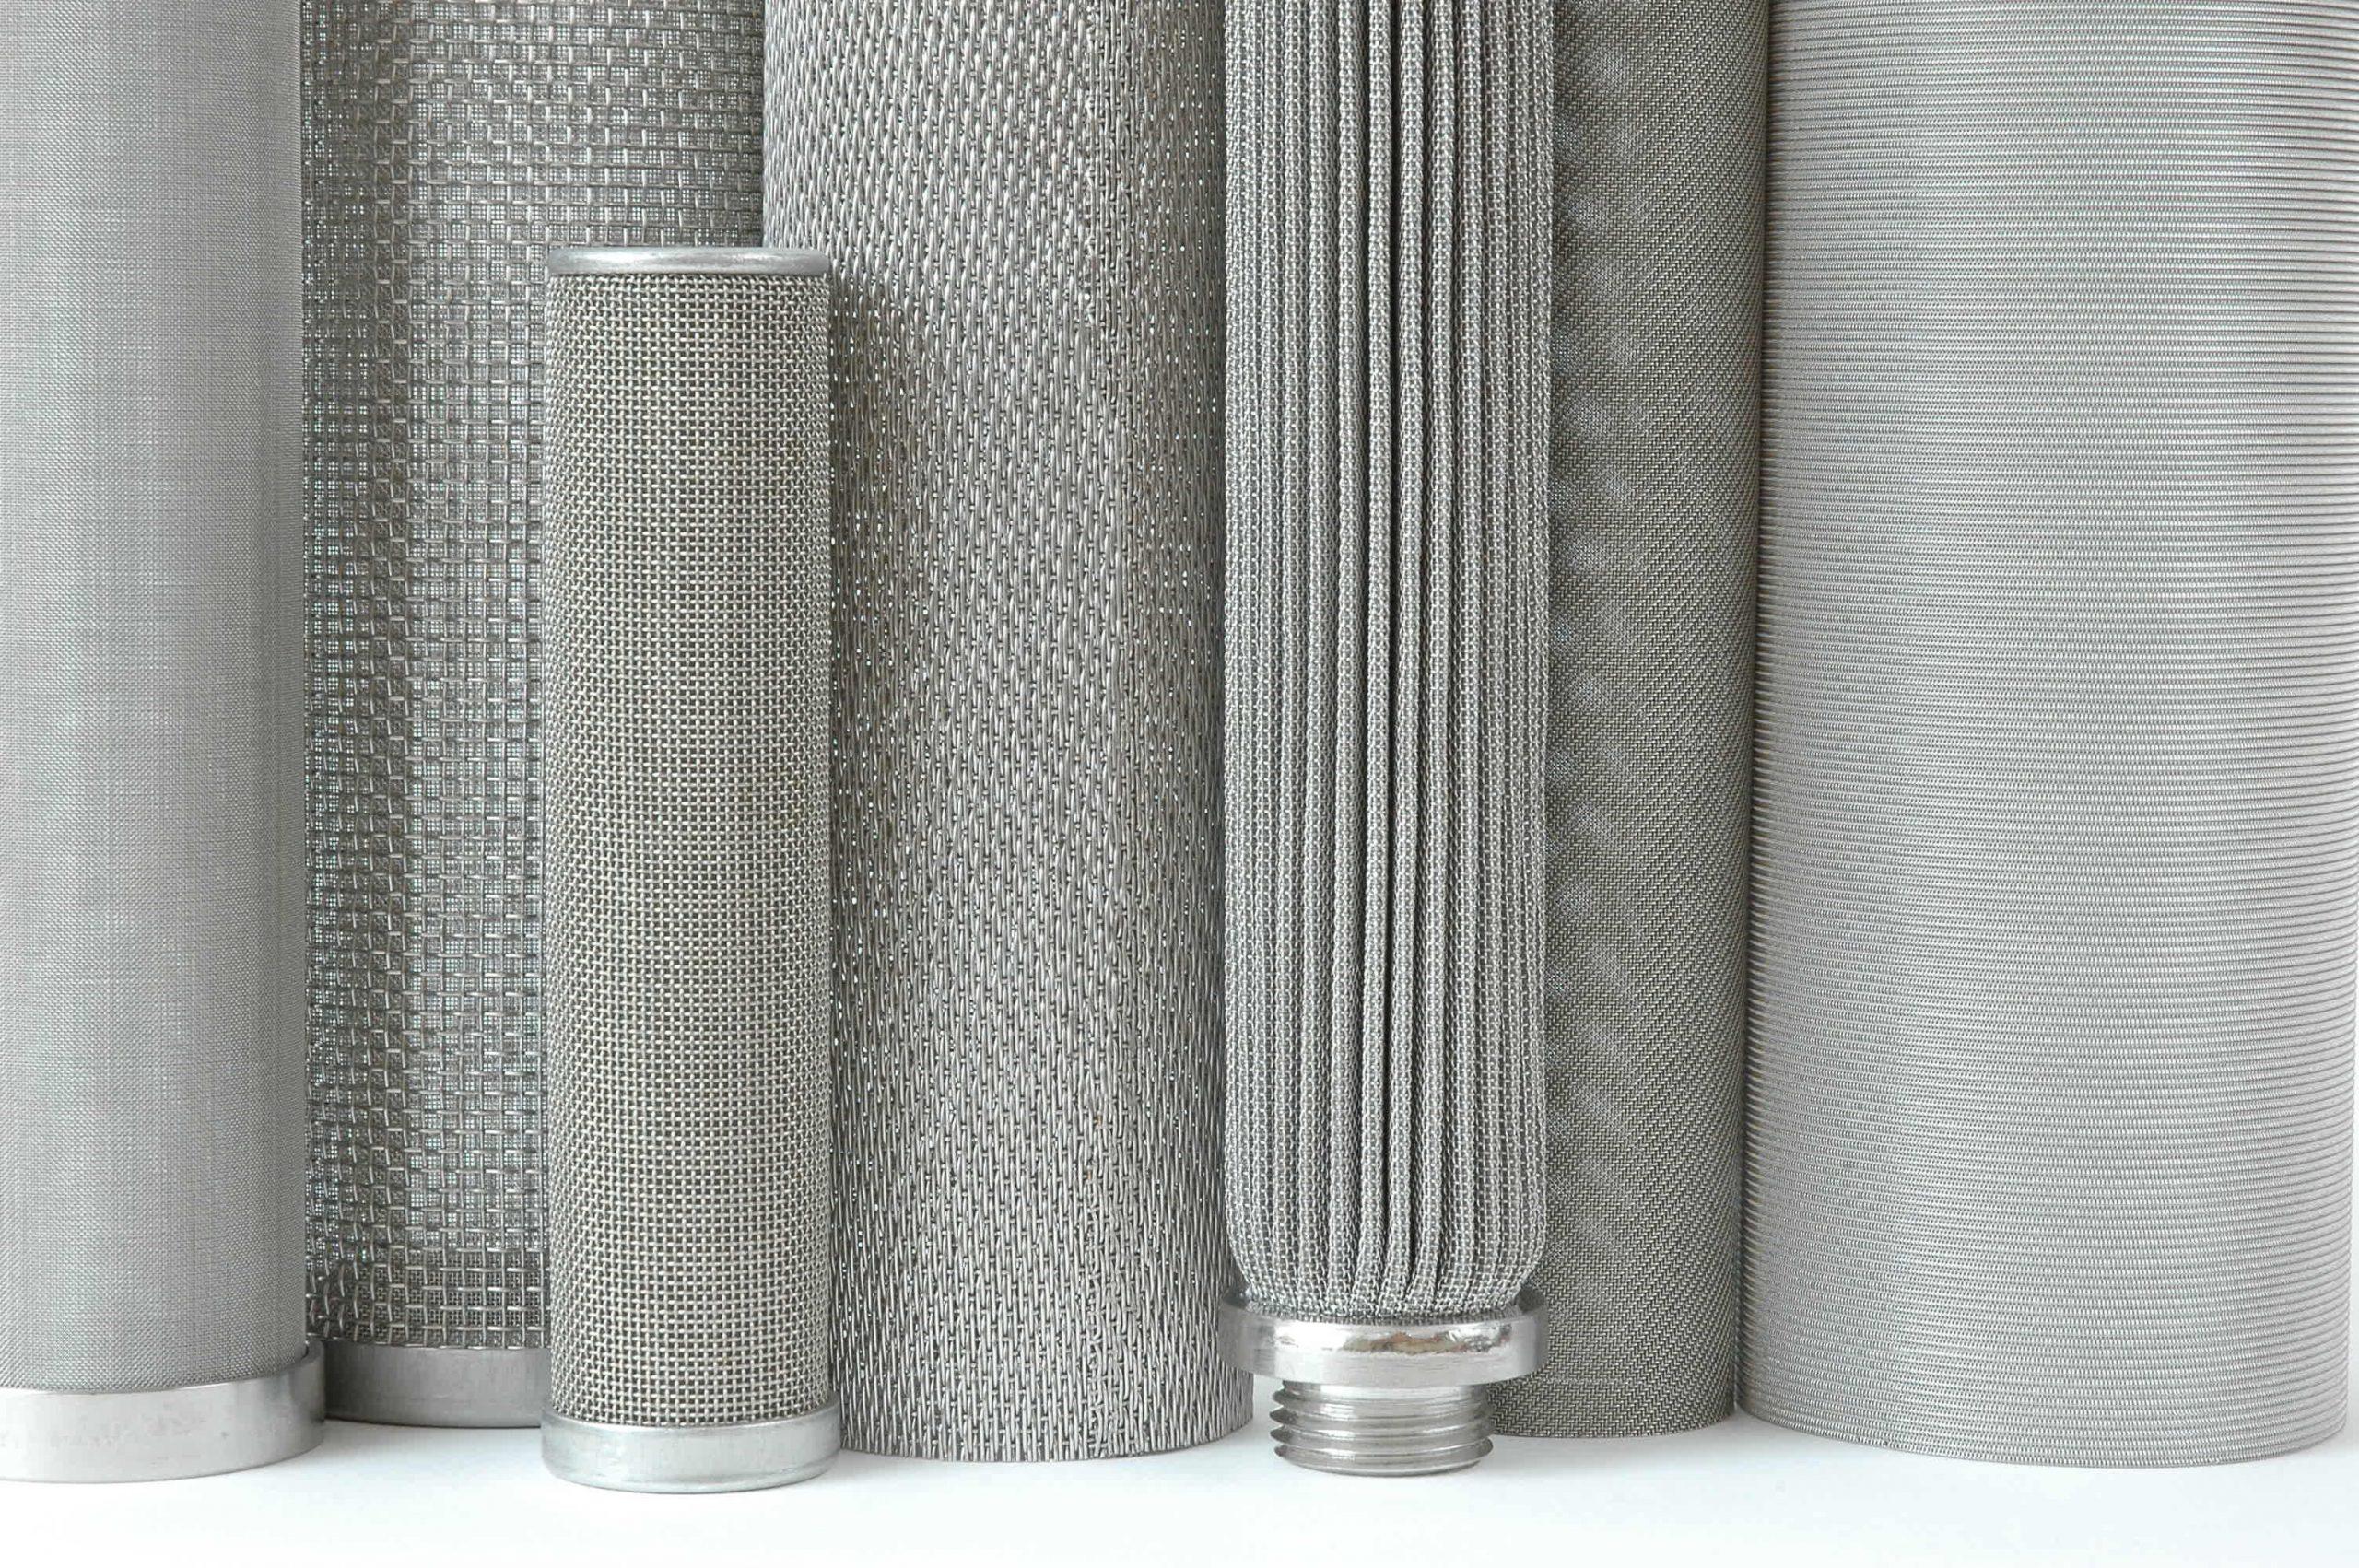 Porous metal filters